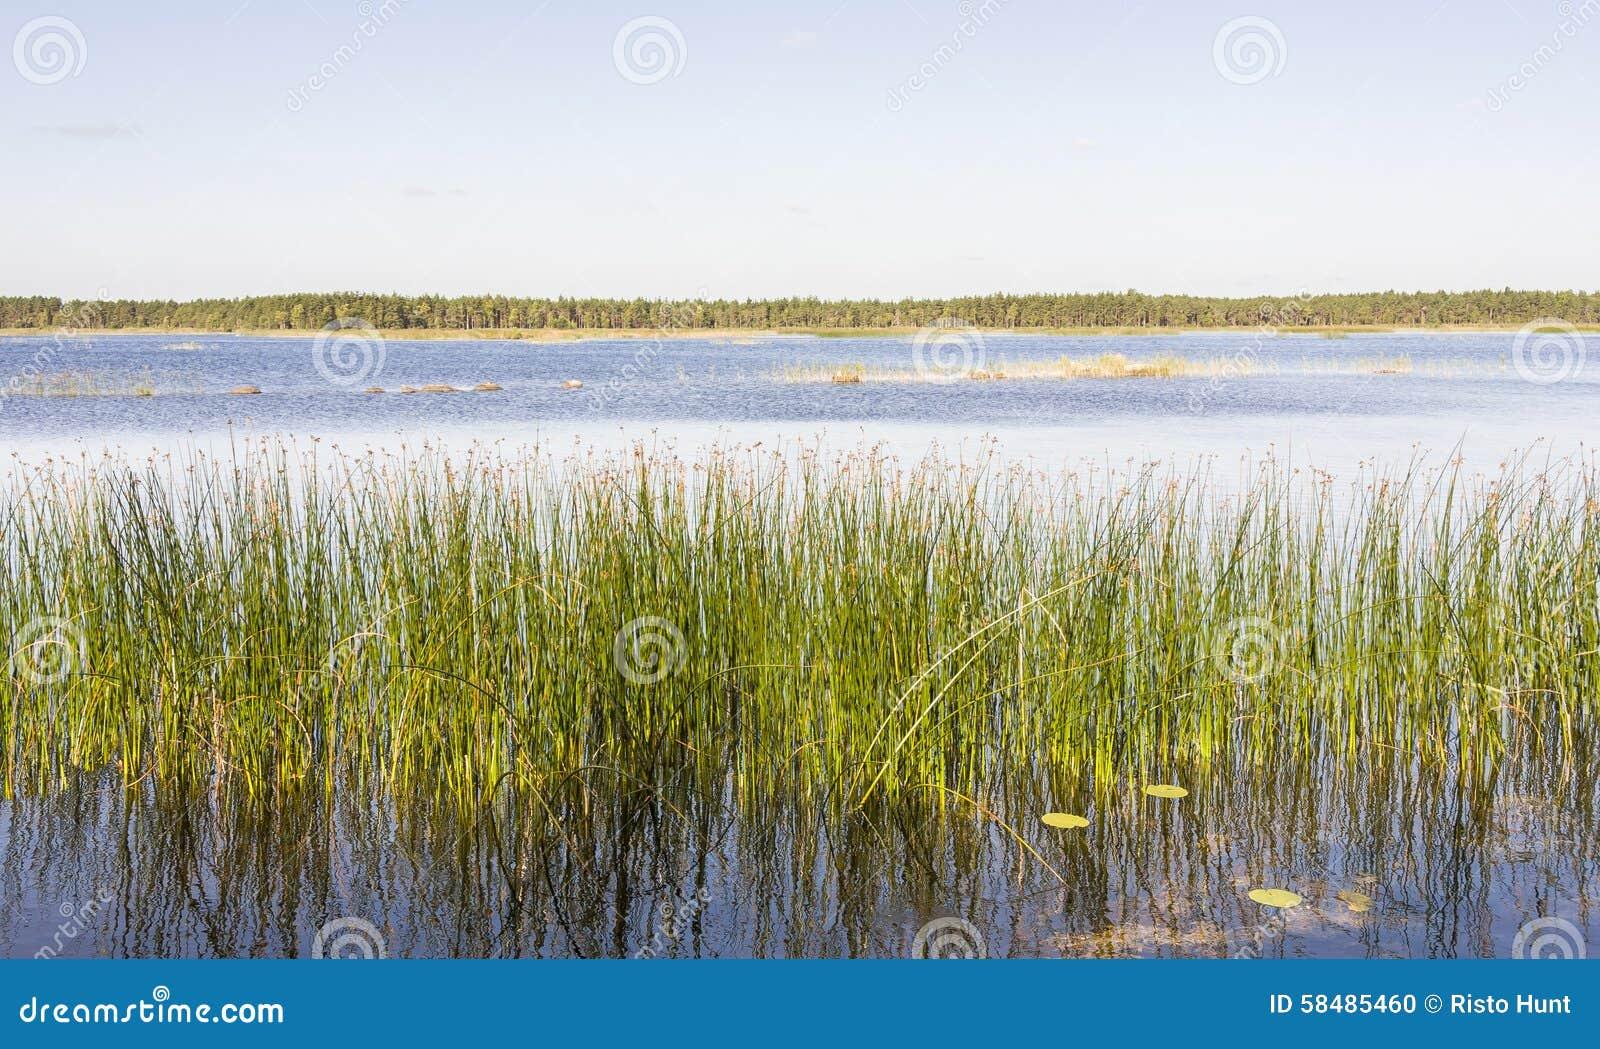 Το πανόραμα του πράσινου καλάμου αυξάνεται σε μια λίμνη